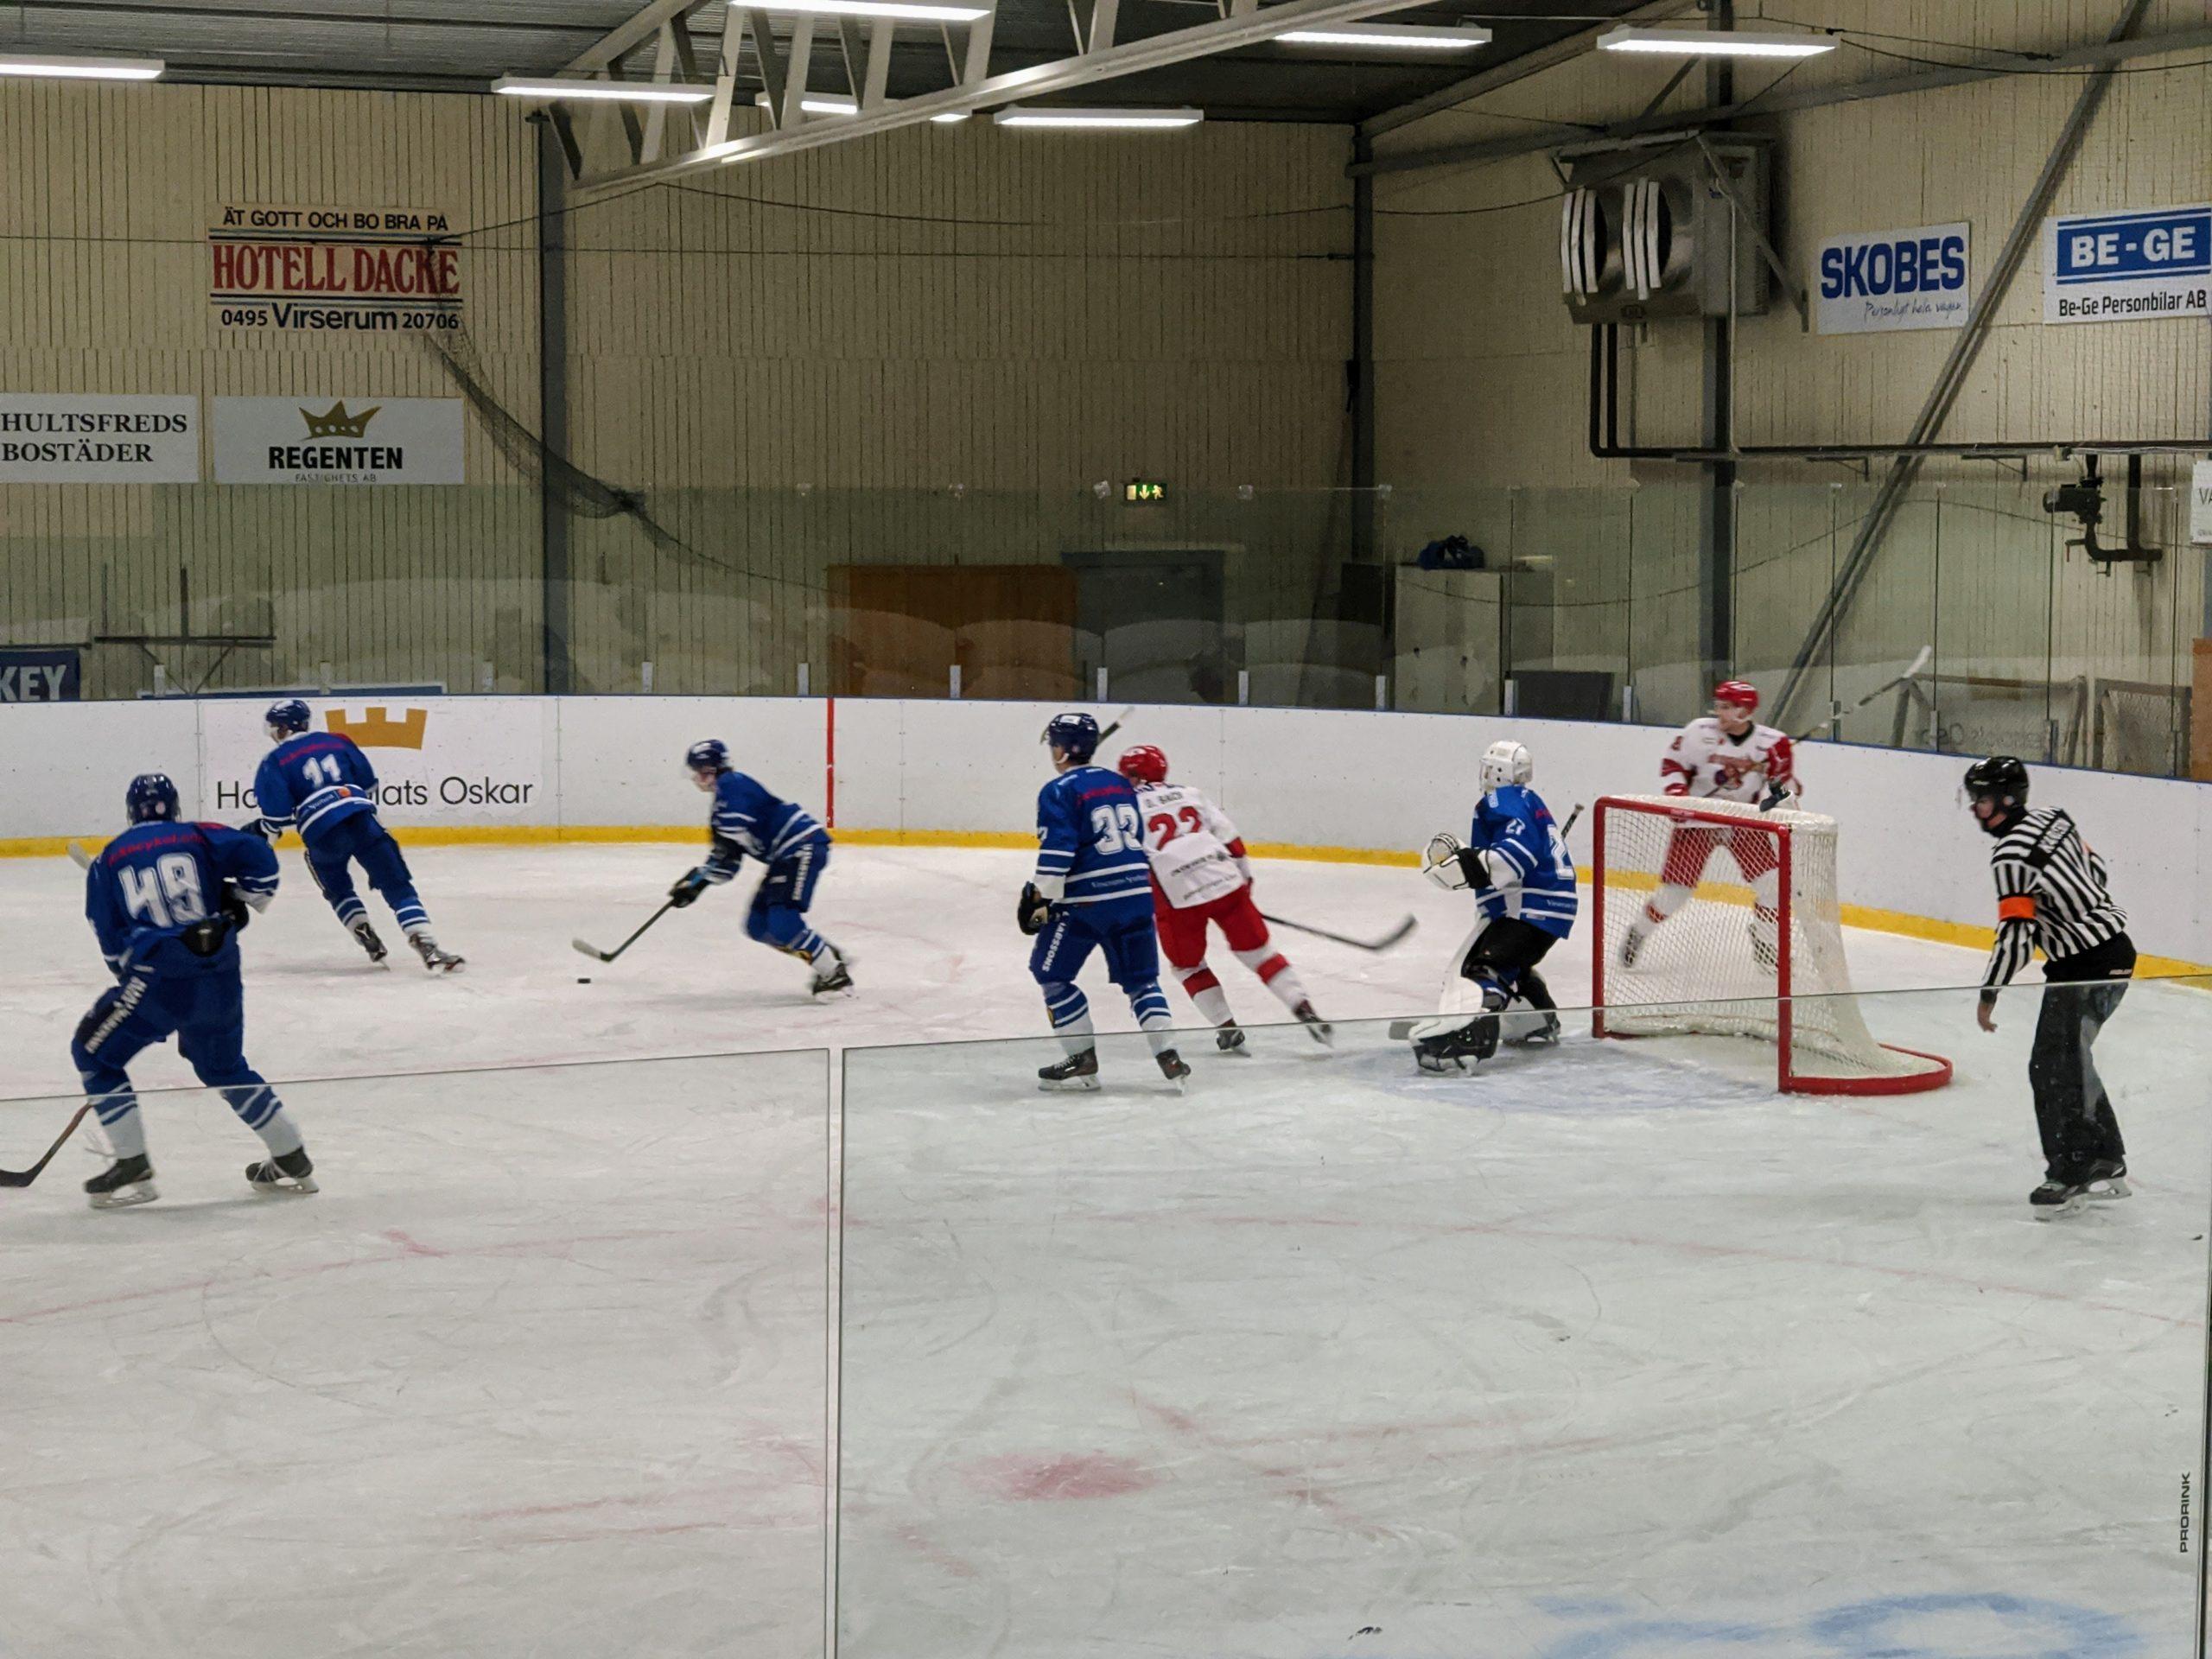 Vy över en hockeyrink med pågående hockeymatch